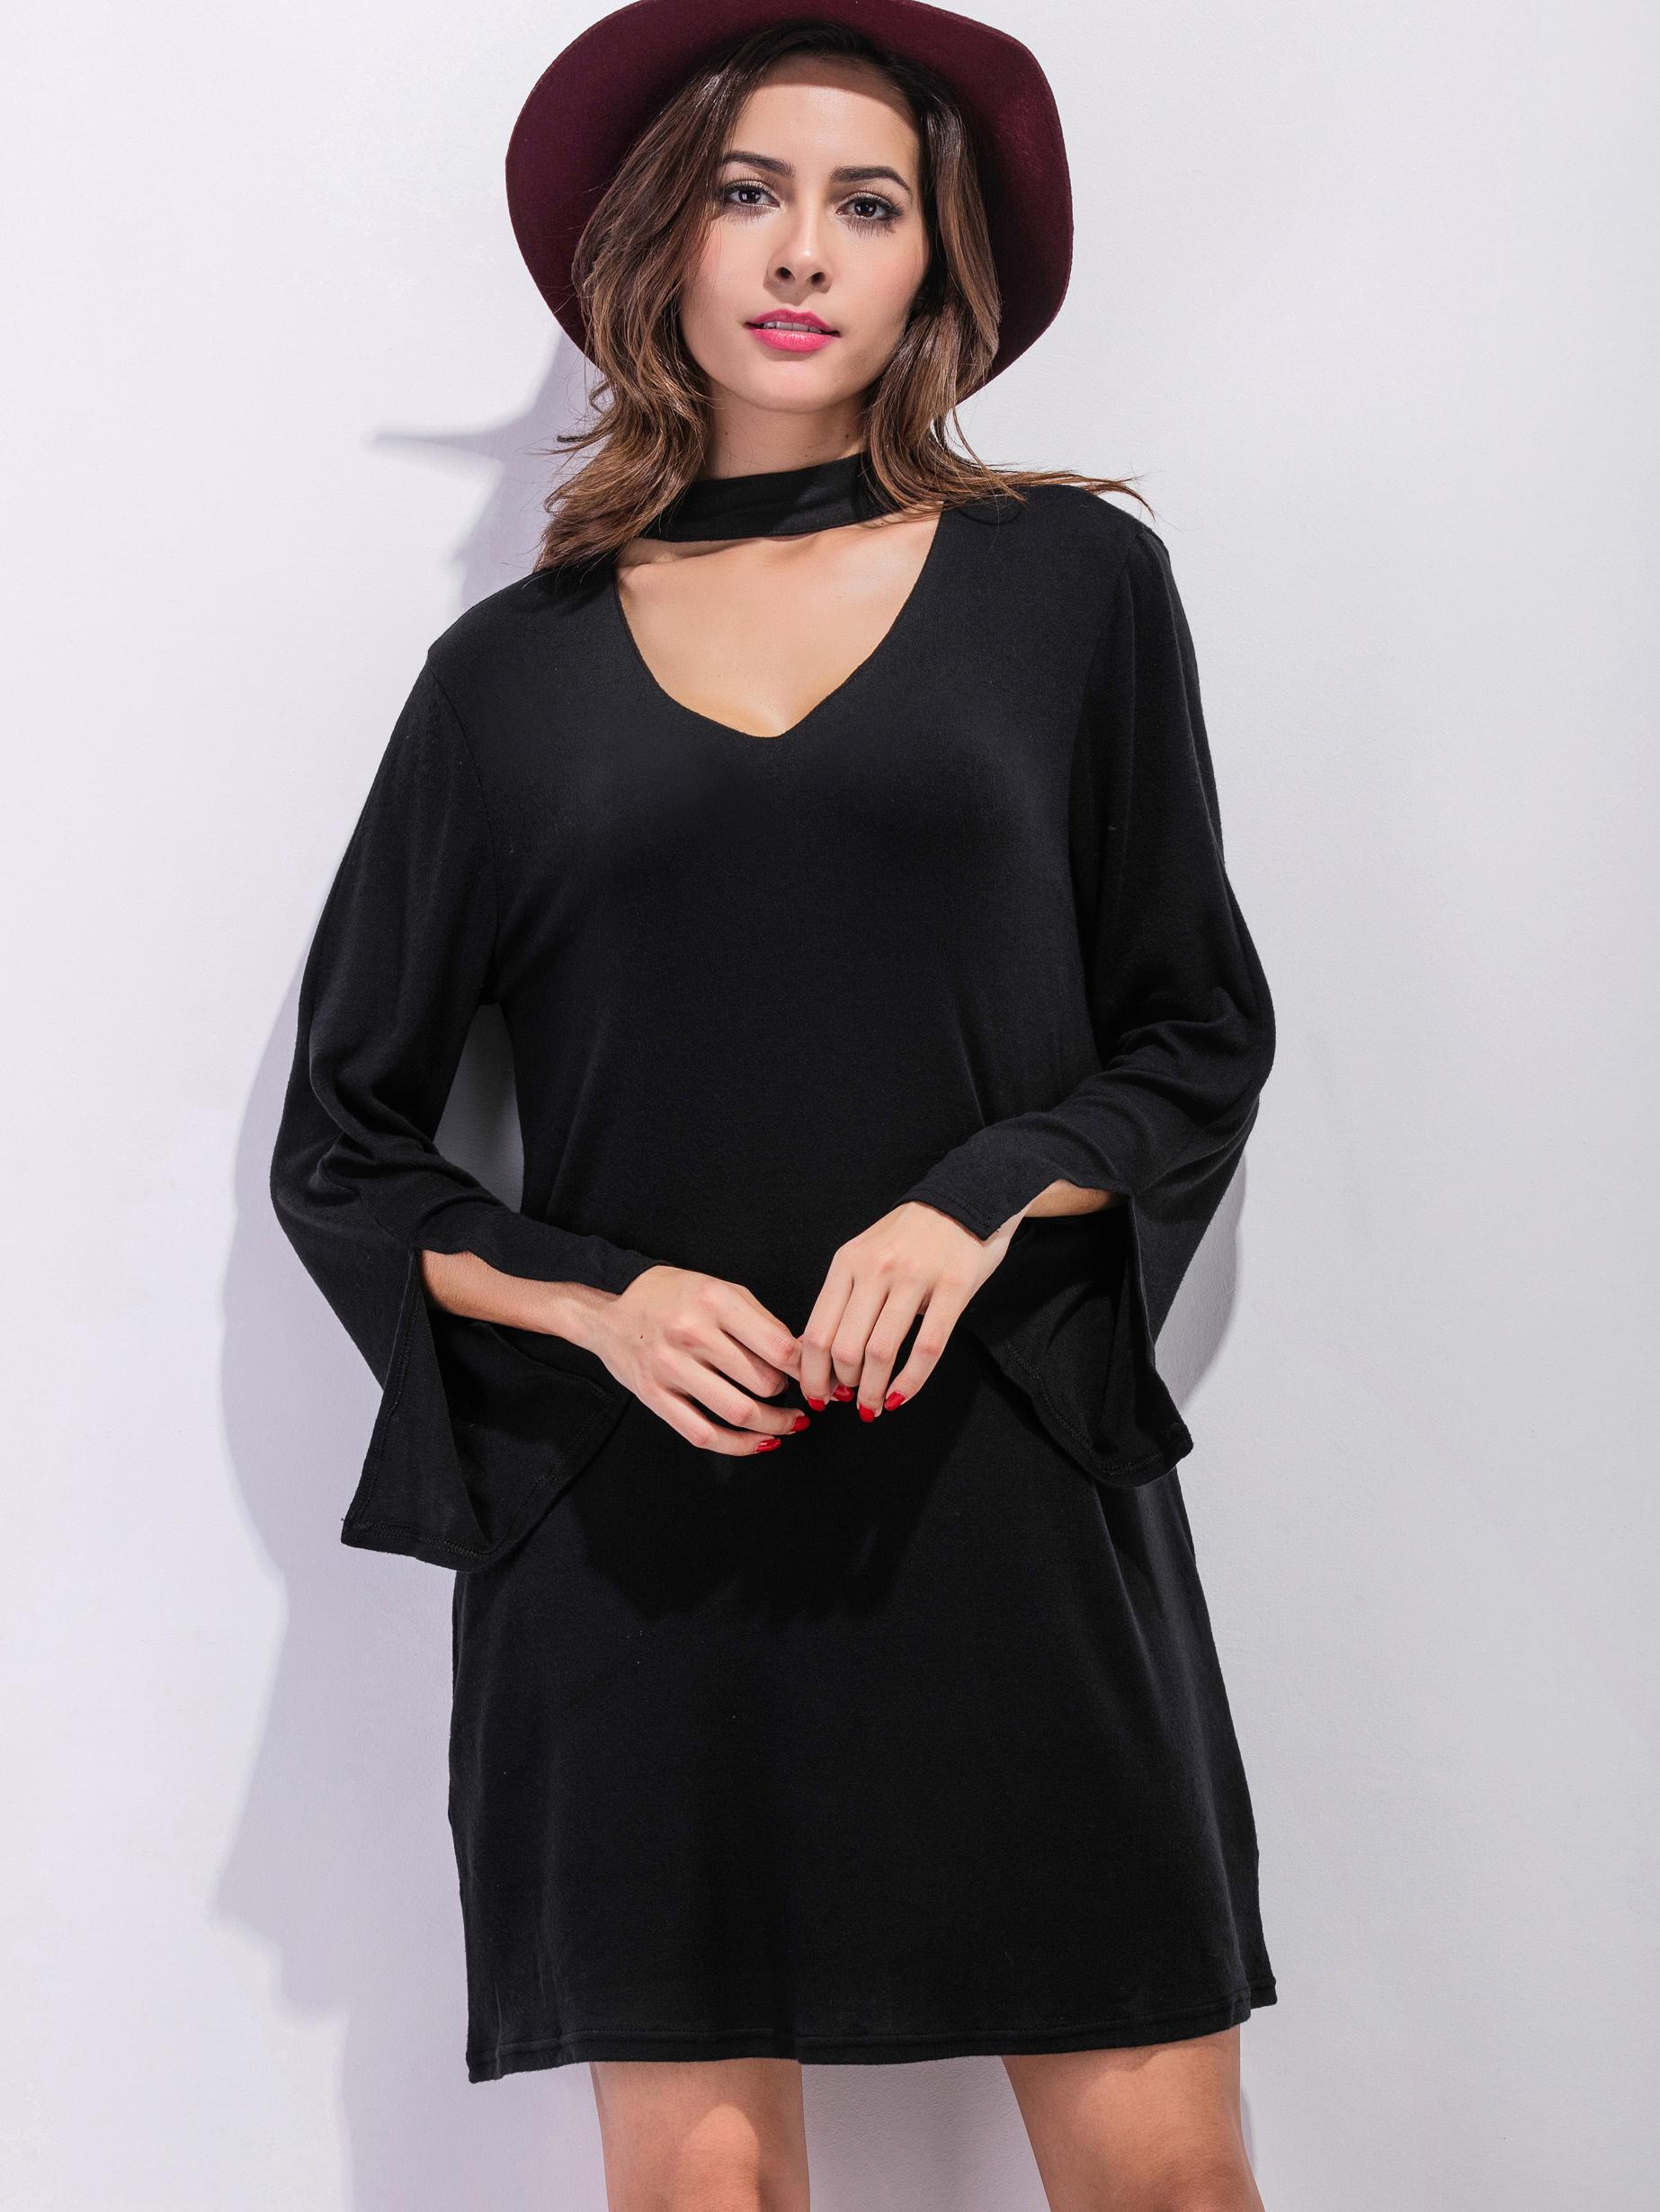 dress161123110_2